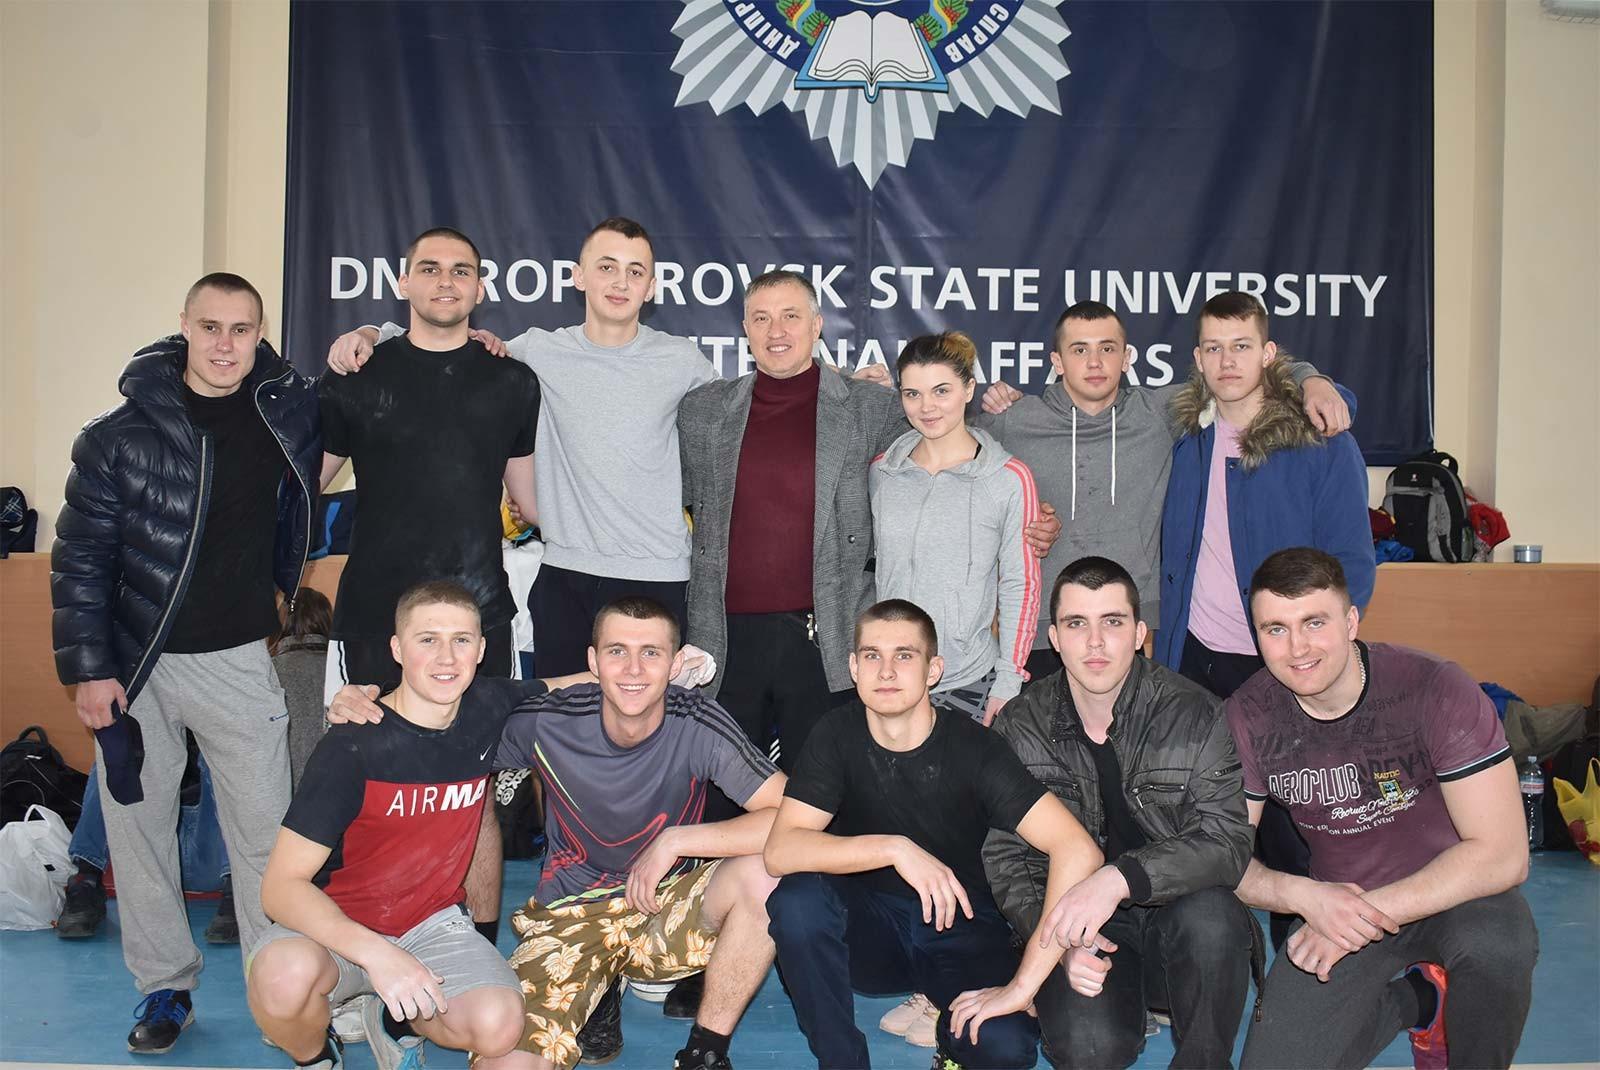 Пишаємося нашими спортсменами та бажаємо збірній університету подальших успіхів на Чемпіонаті України!